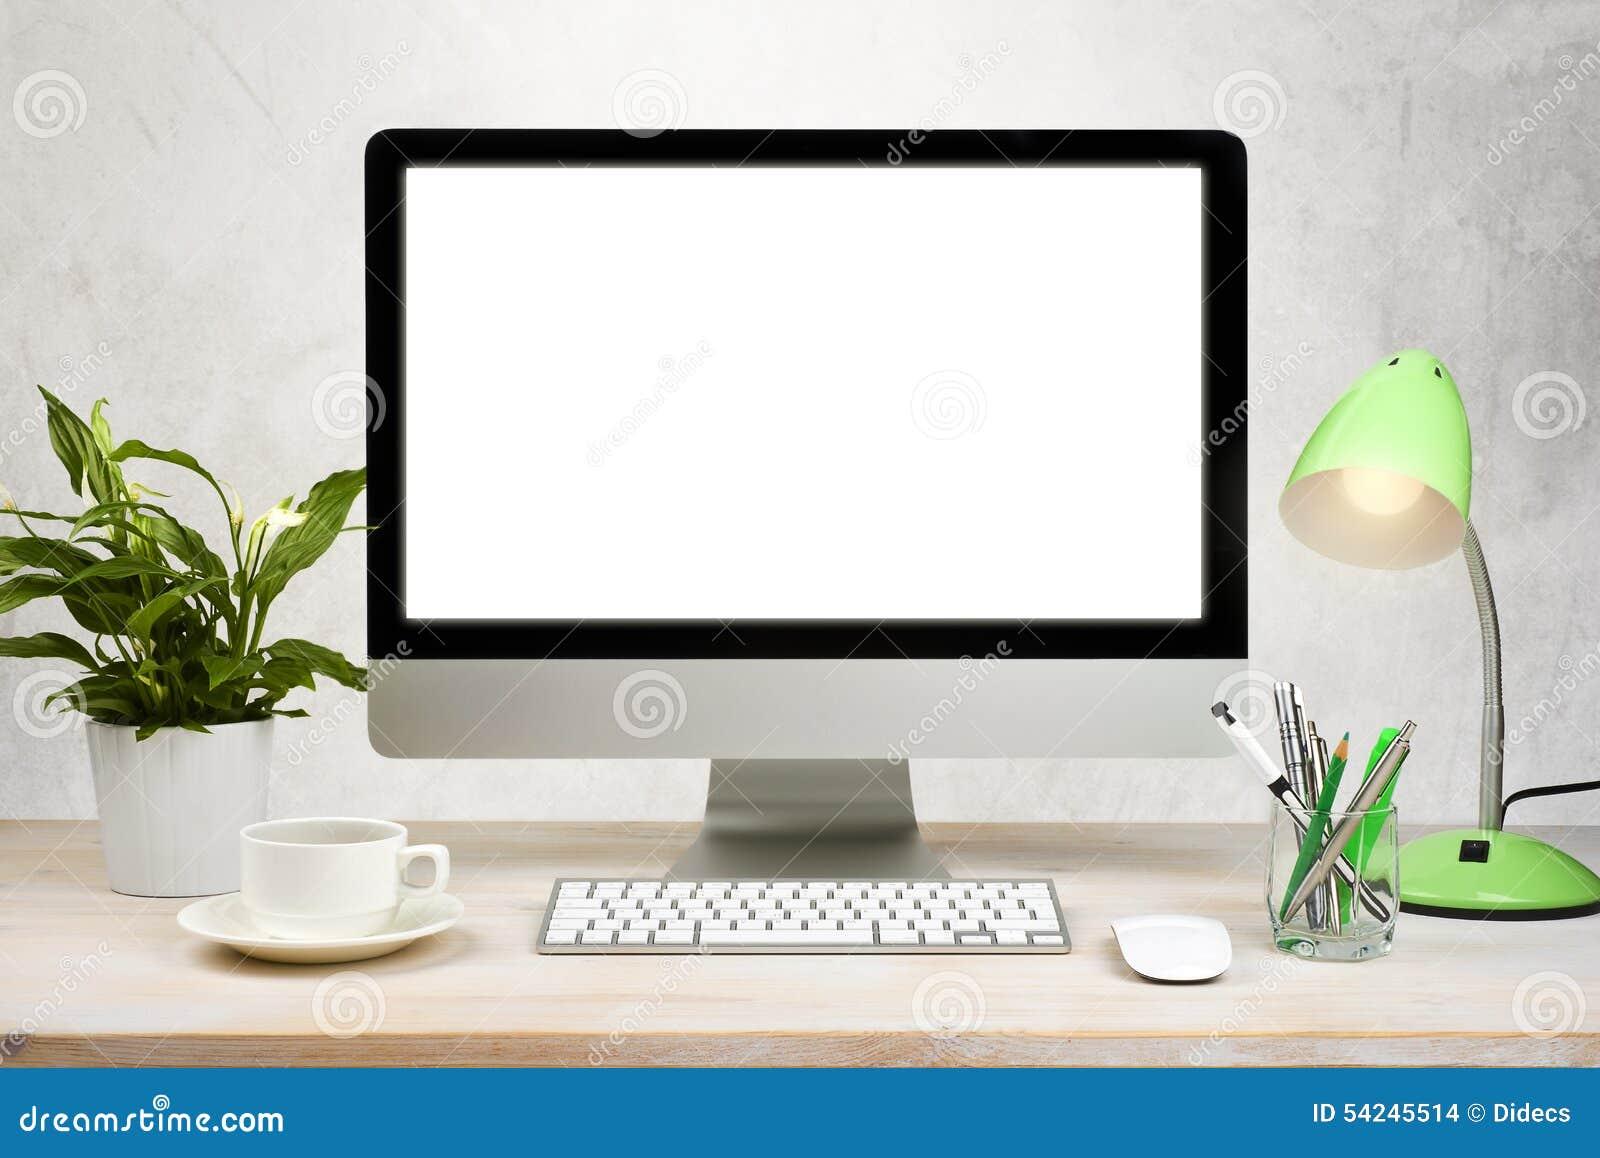 fond d 39 espace de travail avec des accessoires de pc de bureau et de bureau sur la table photo. Black Bedroom Furniture Sets. Home Design Ideas